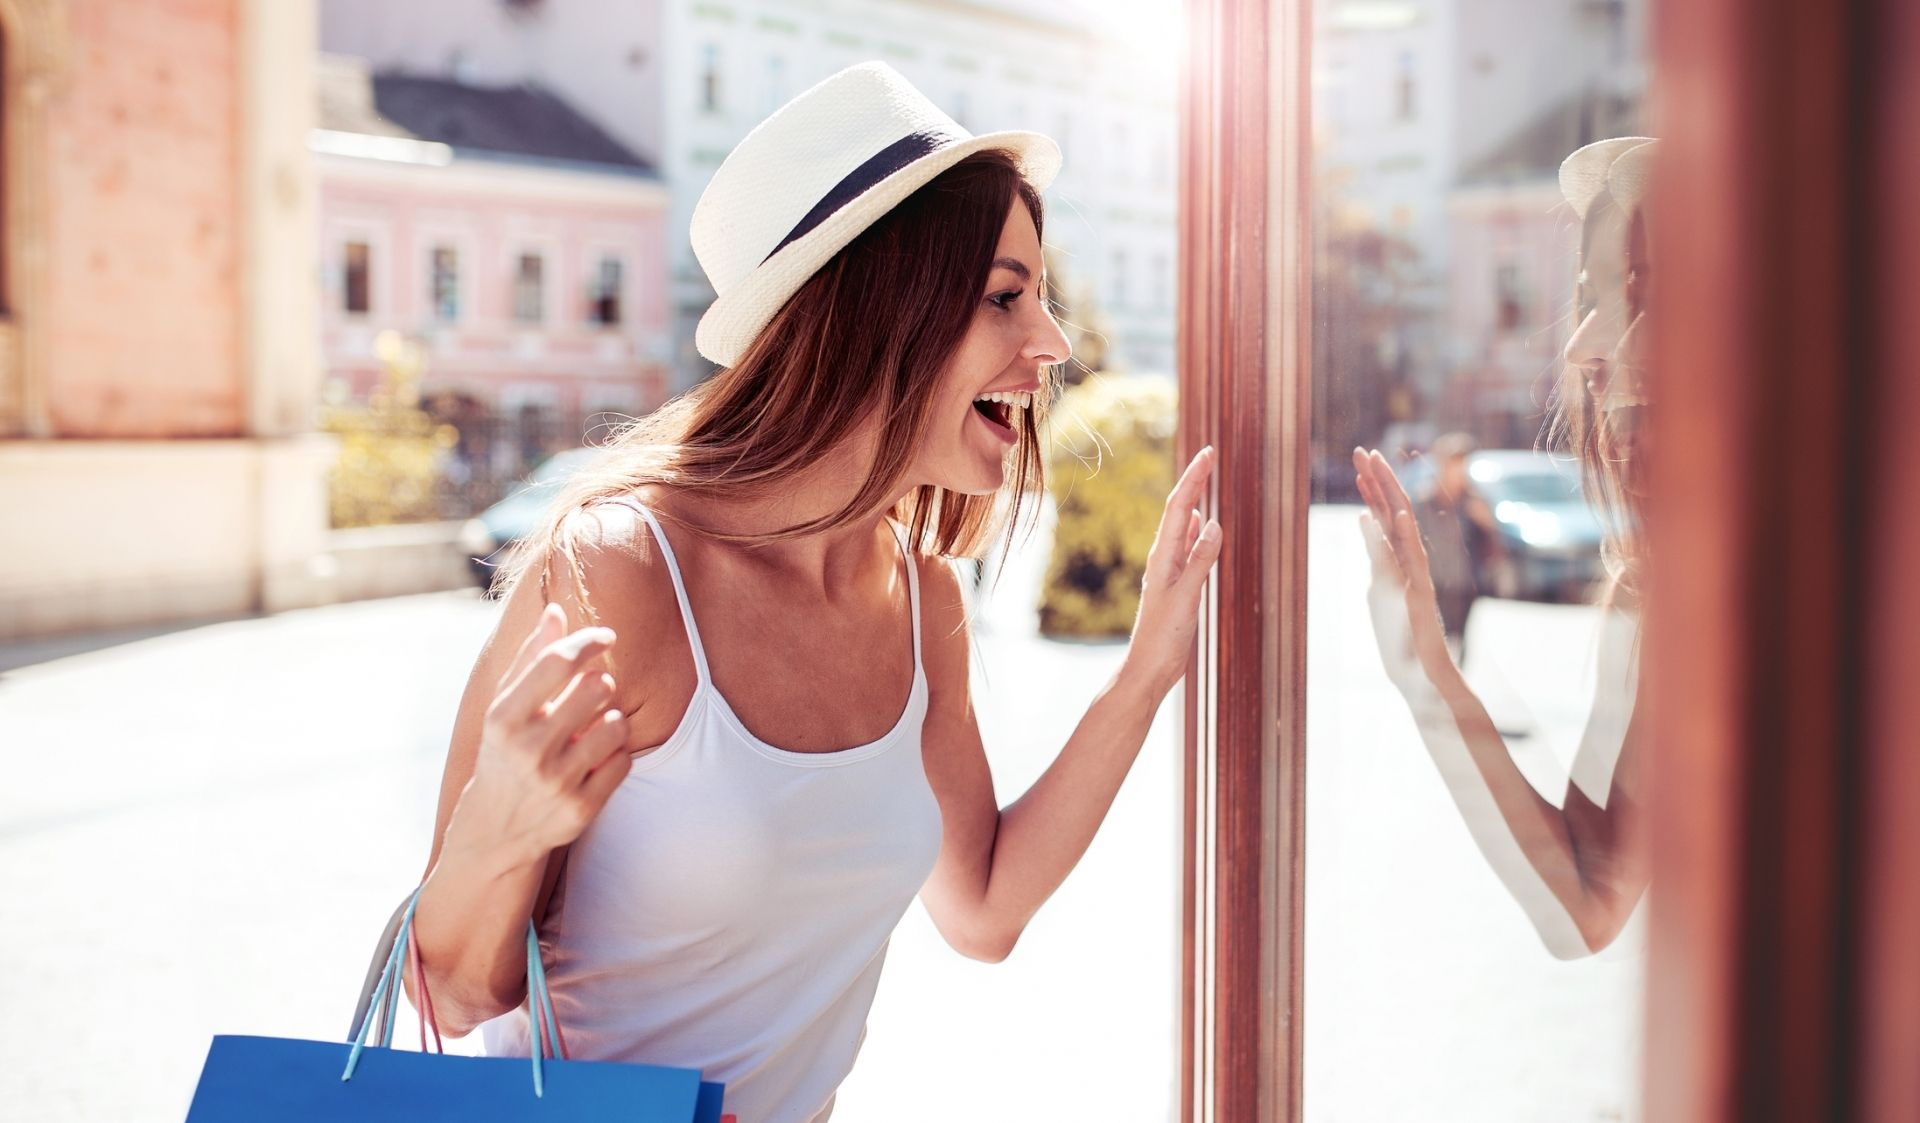 ¿Qué es el Visual Merchandising y cómo puede ayudar a cualquier negocio?